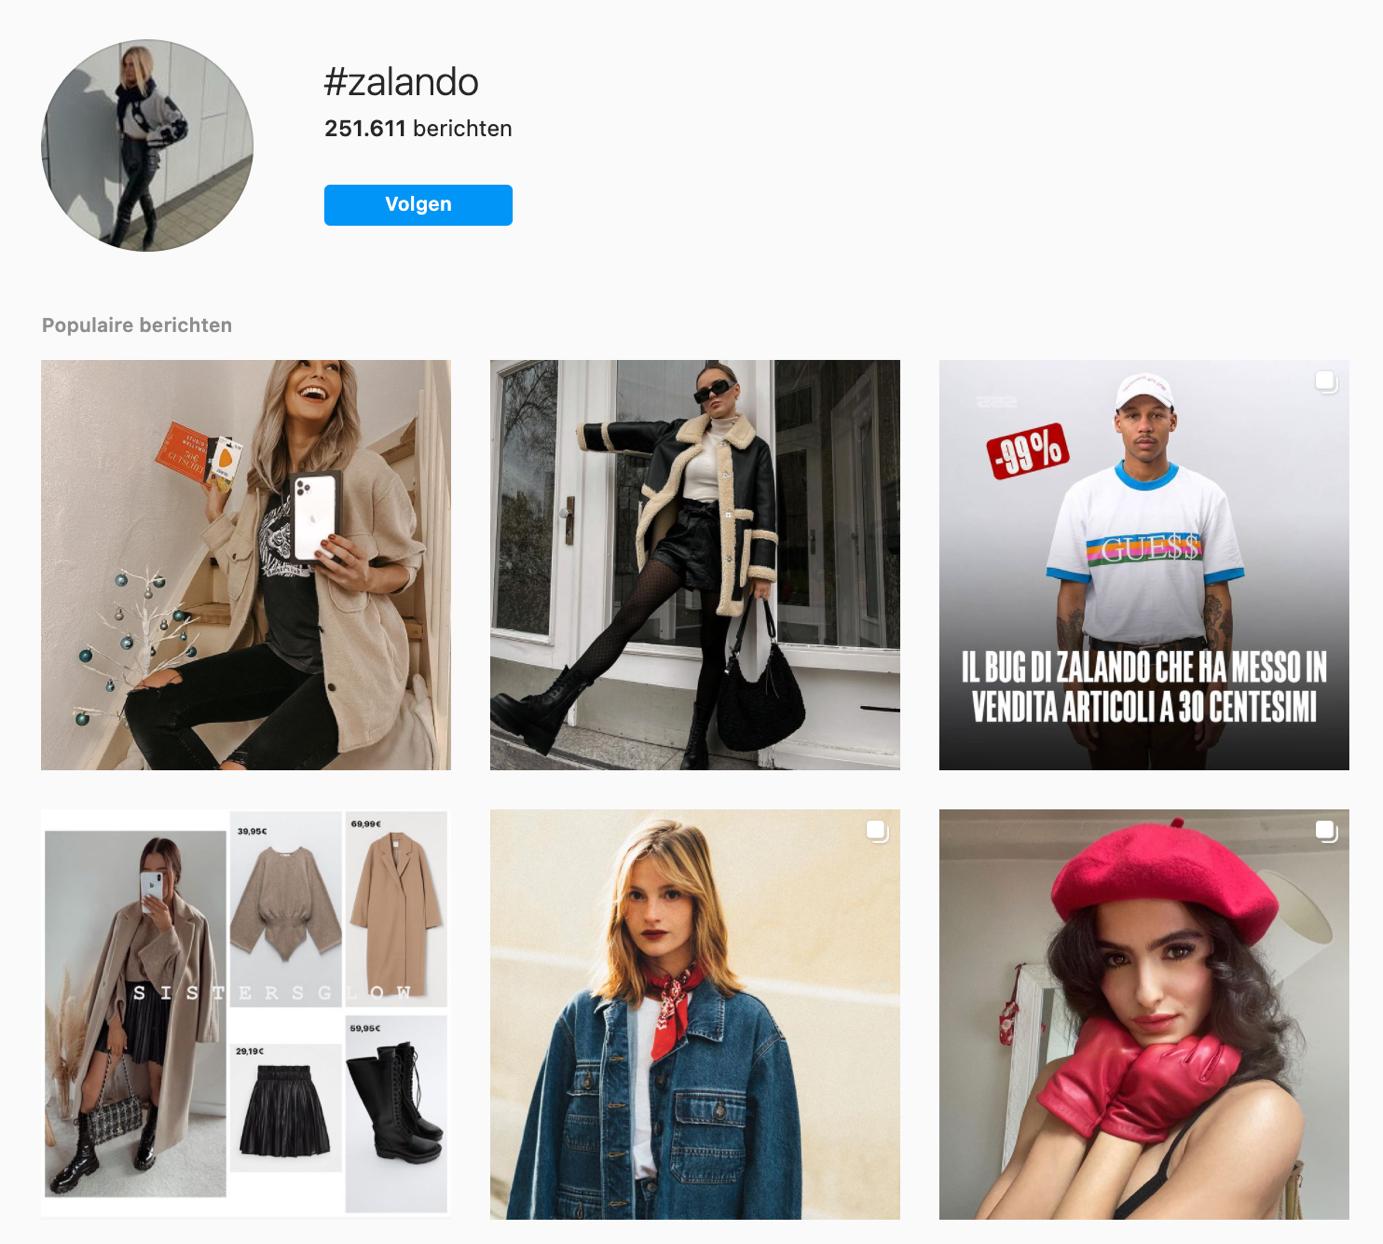 Zalando user generated content